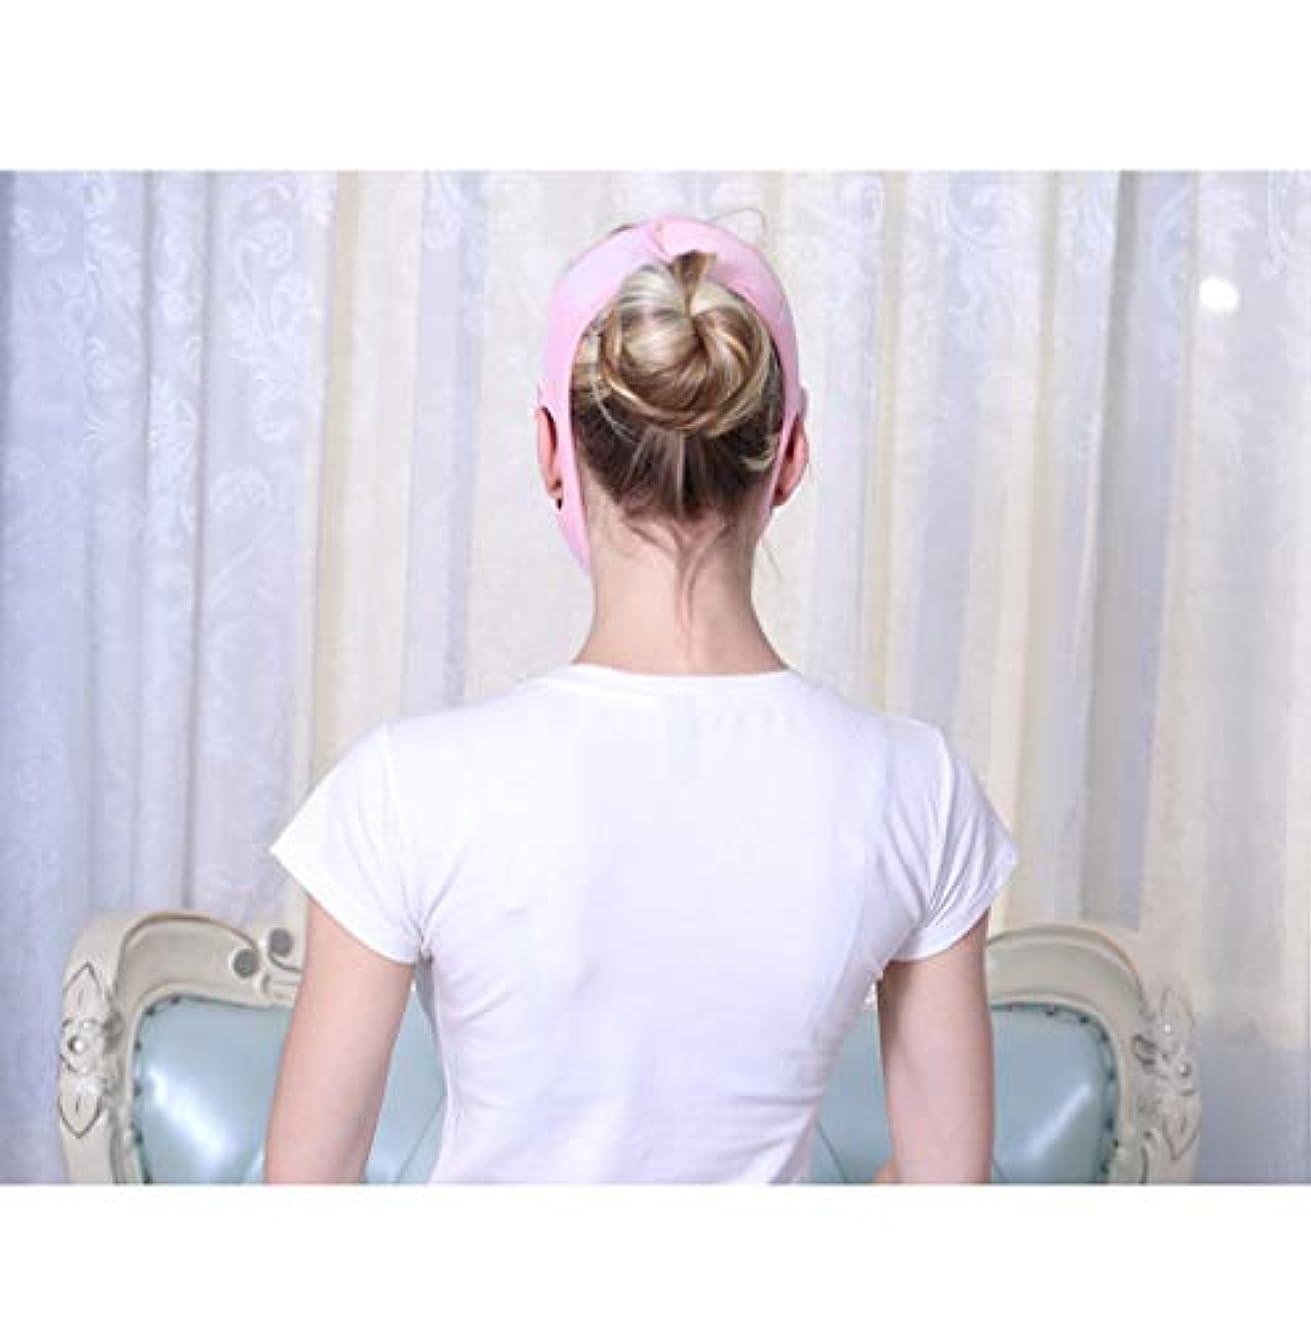 ジェームズダイソン不純薄い表面ベルト、二重あごのDecreeのマスクの持ち上がることの固まる睡眠のマスクへのVの表面包帯 (Color : Pink)